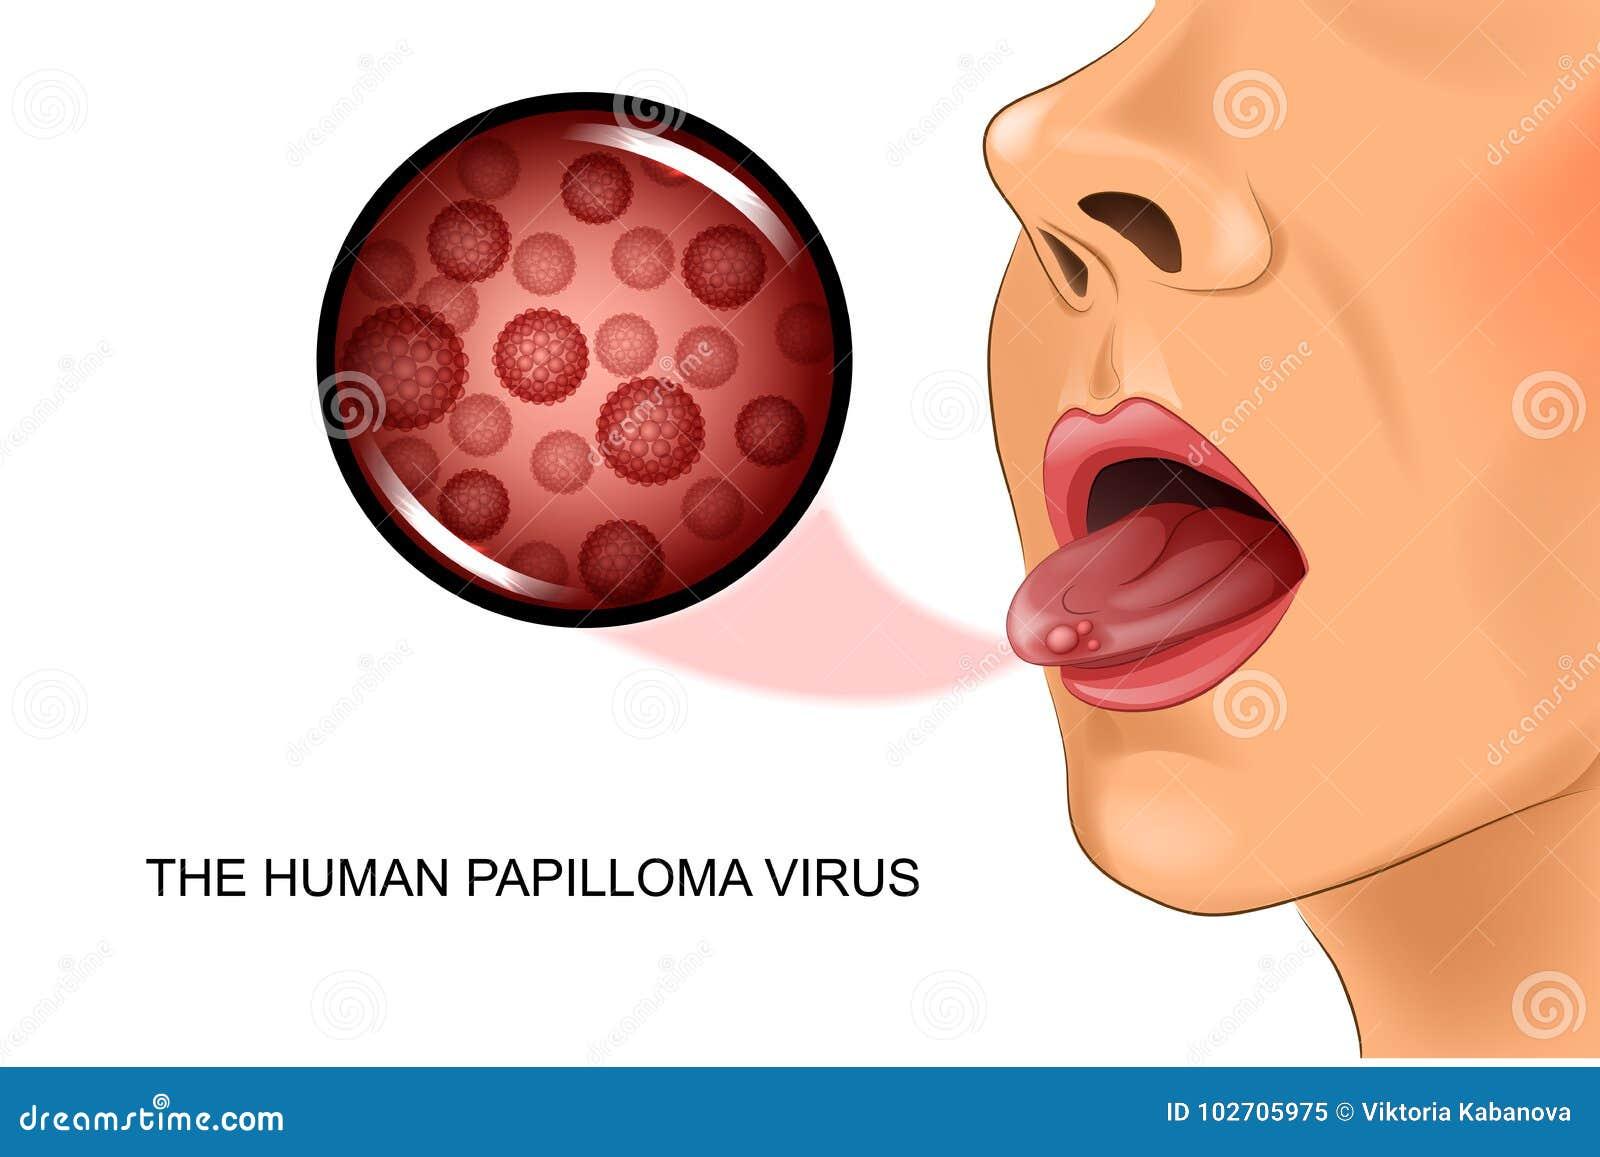 papilloma virus langue